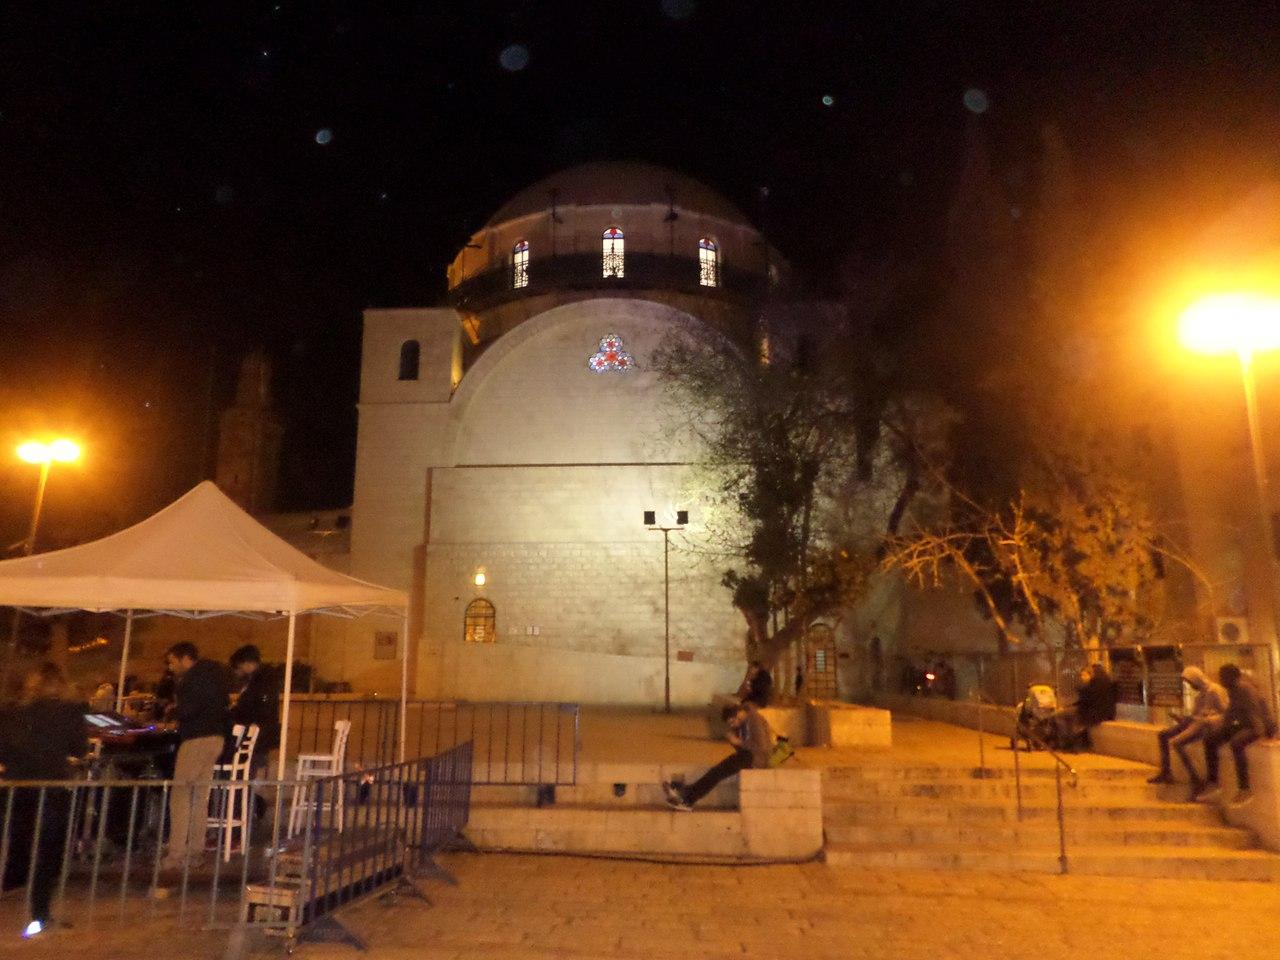 Вечерний Иерусалим и быстрый юг Израиля. Март 2017.